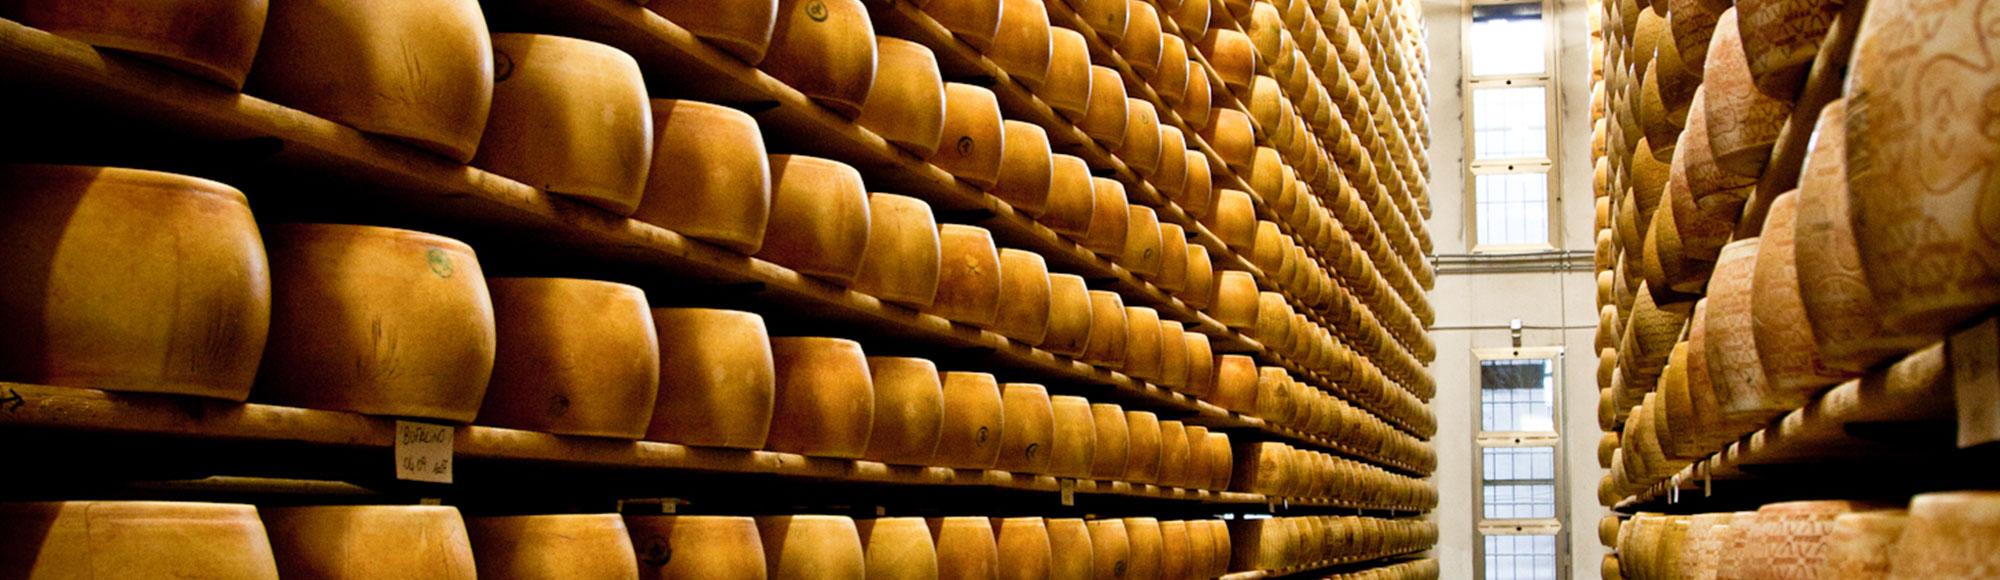 Parmigiano Reggiano Mezzano